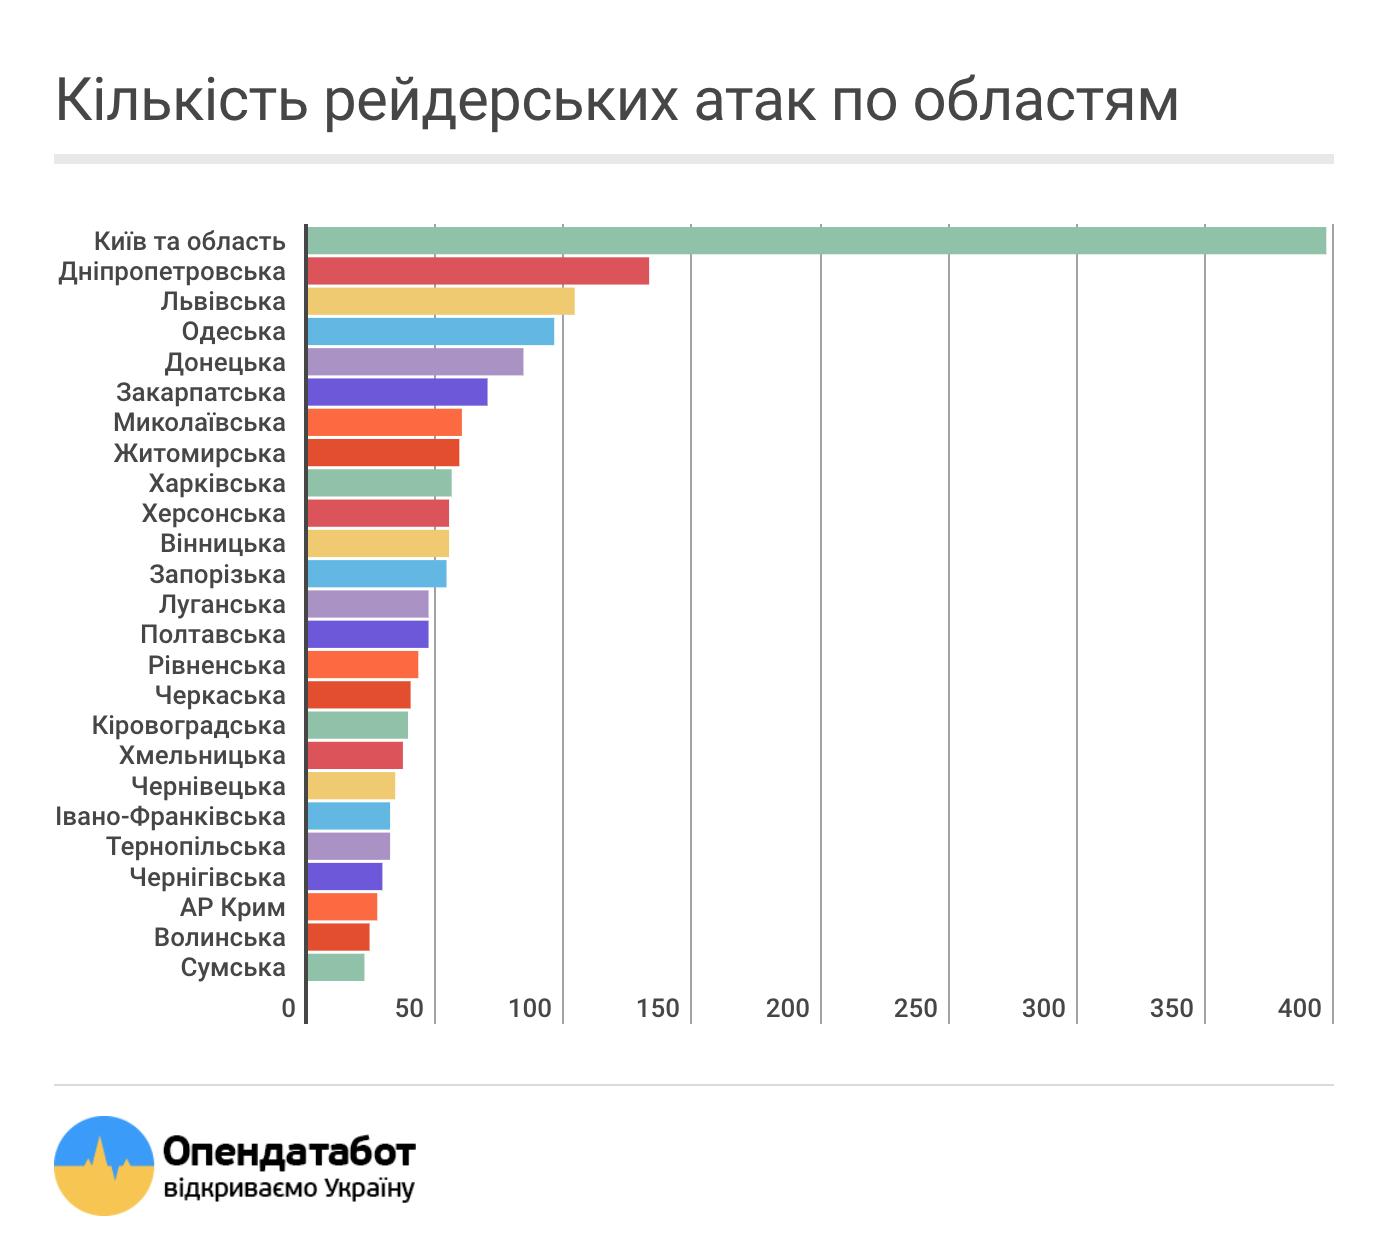 Николаевщина заняла седьмое место по рейдерским захватам, фото-1